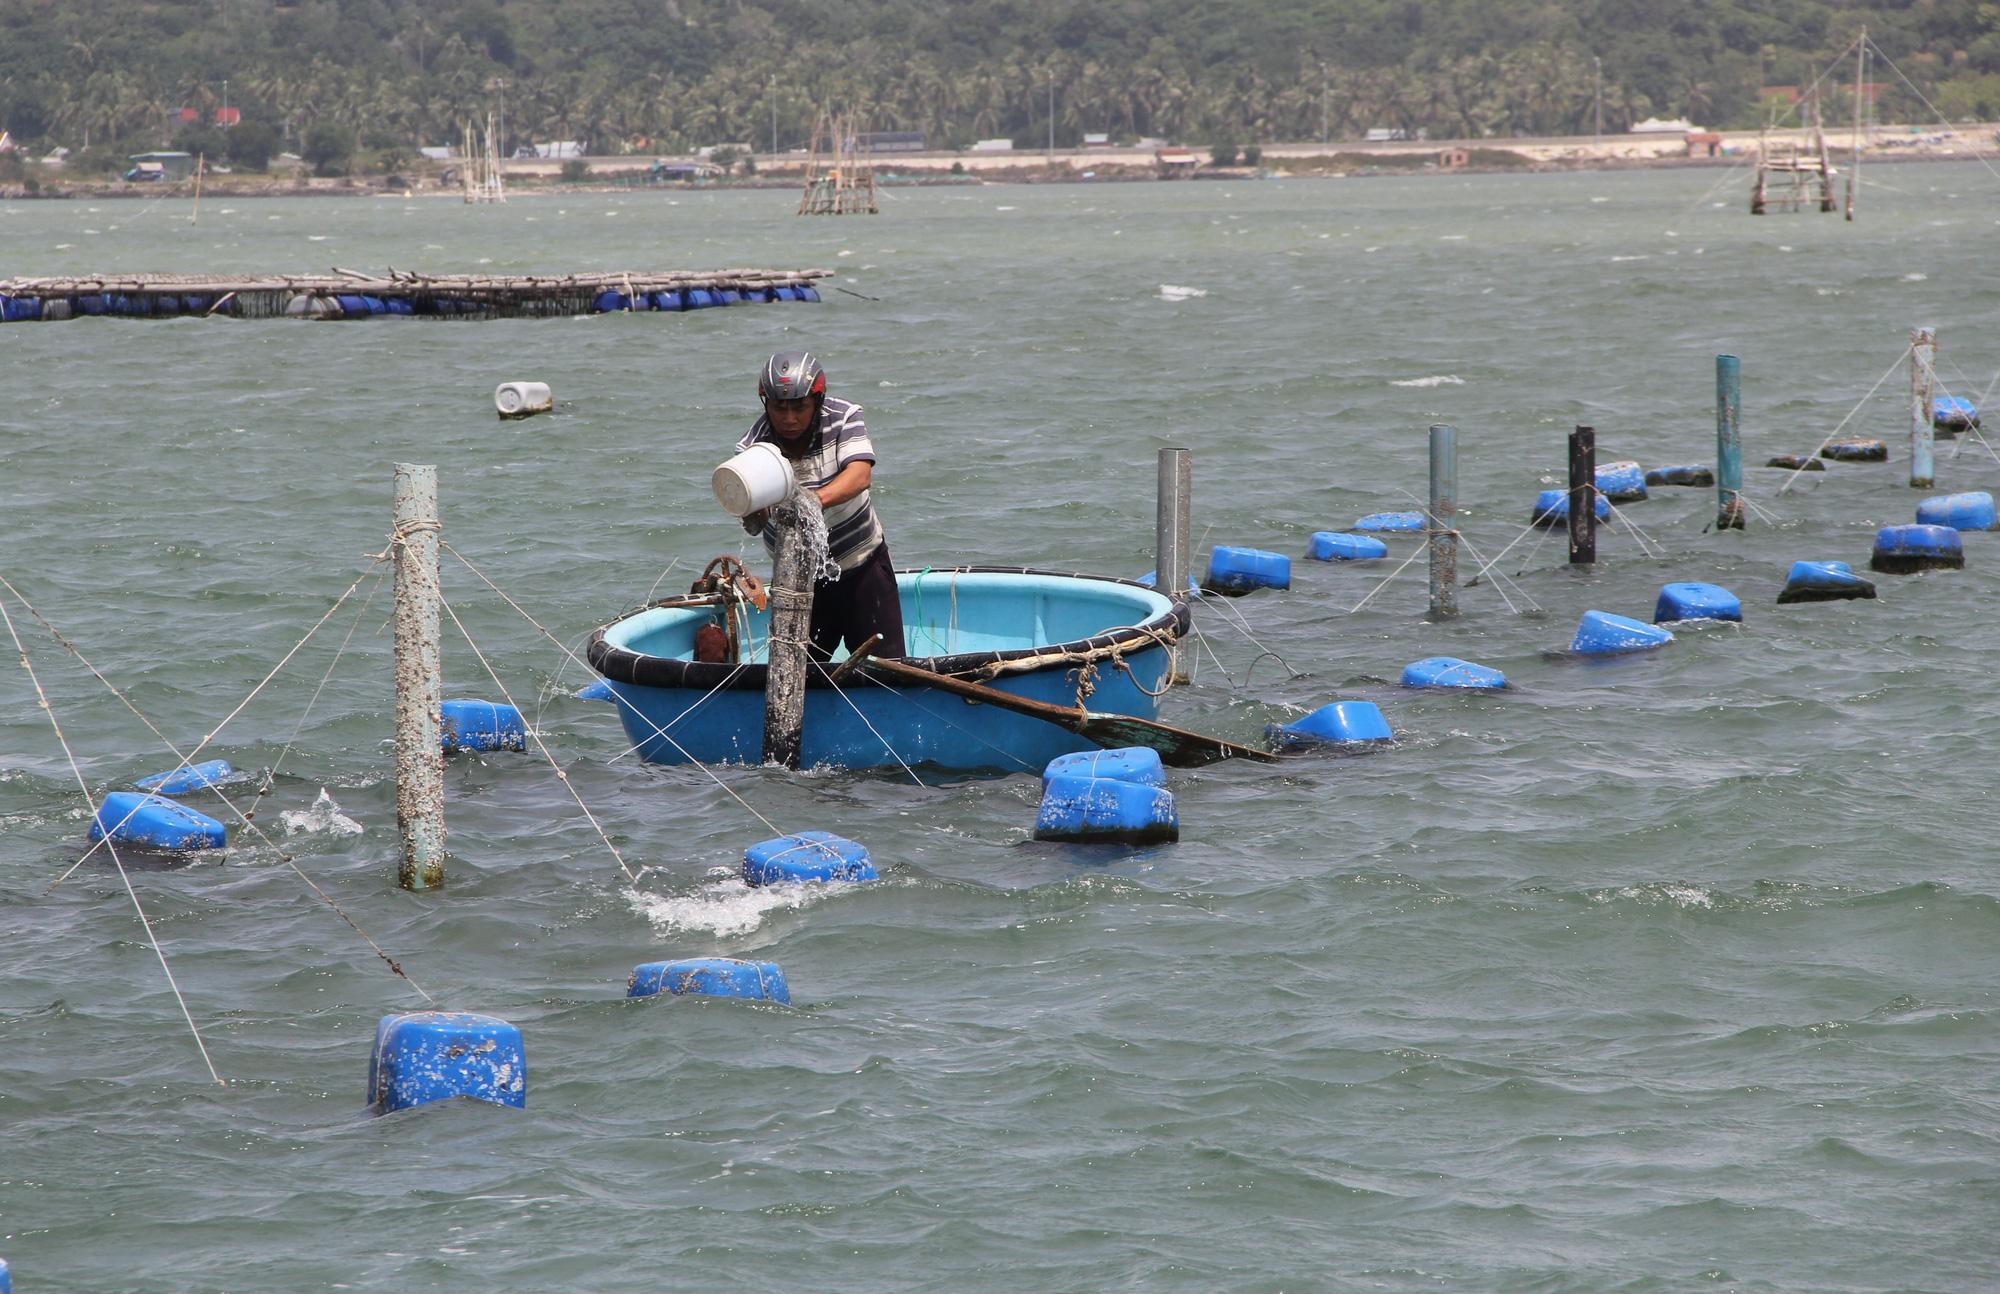 Sự thật về giá tôm hùm ở Phú Yên chỉ 200.000 đồng/kg - Ảnh 7.